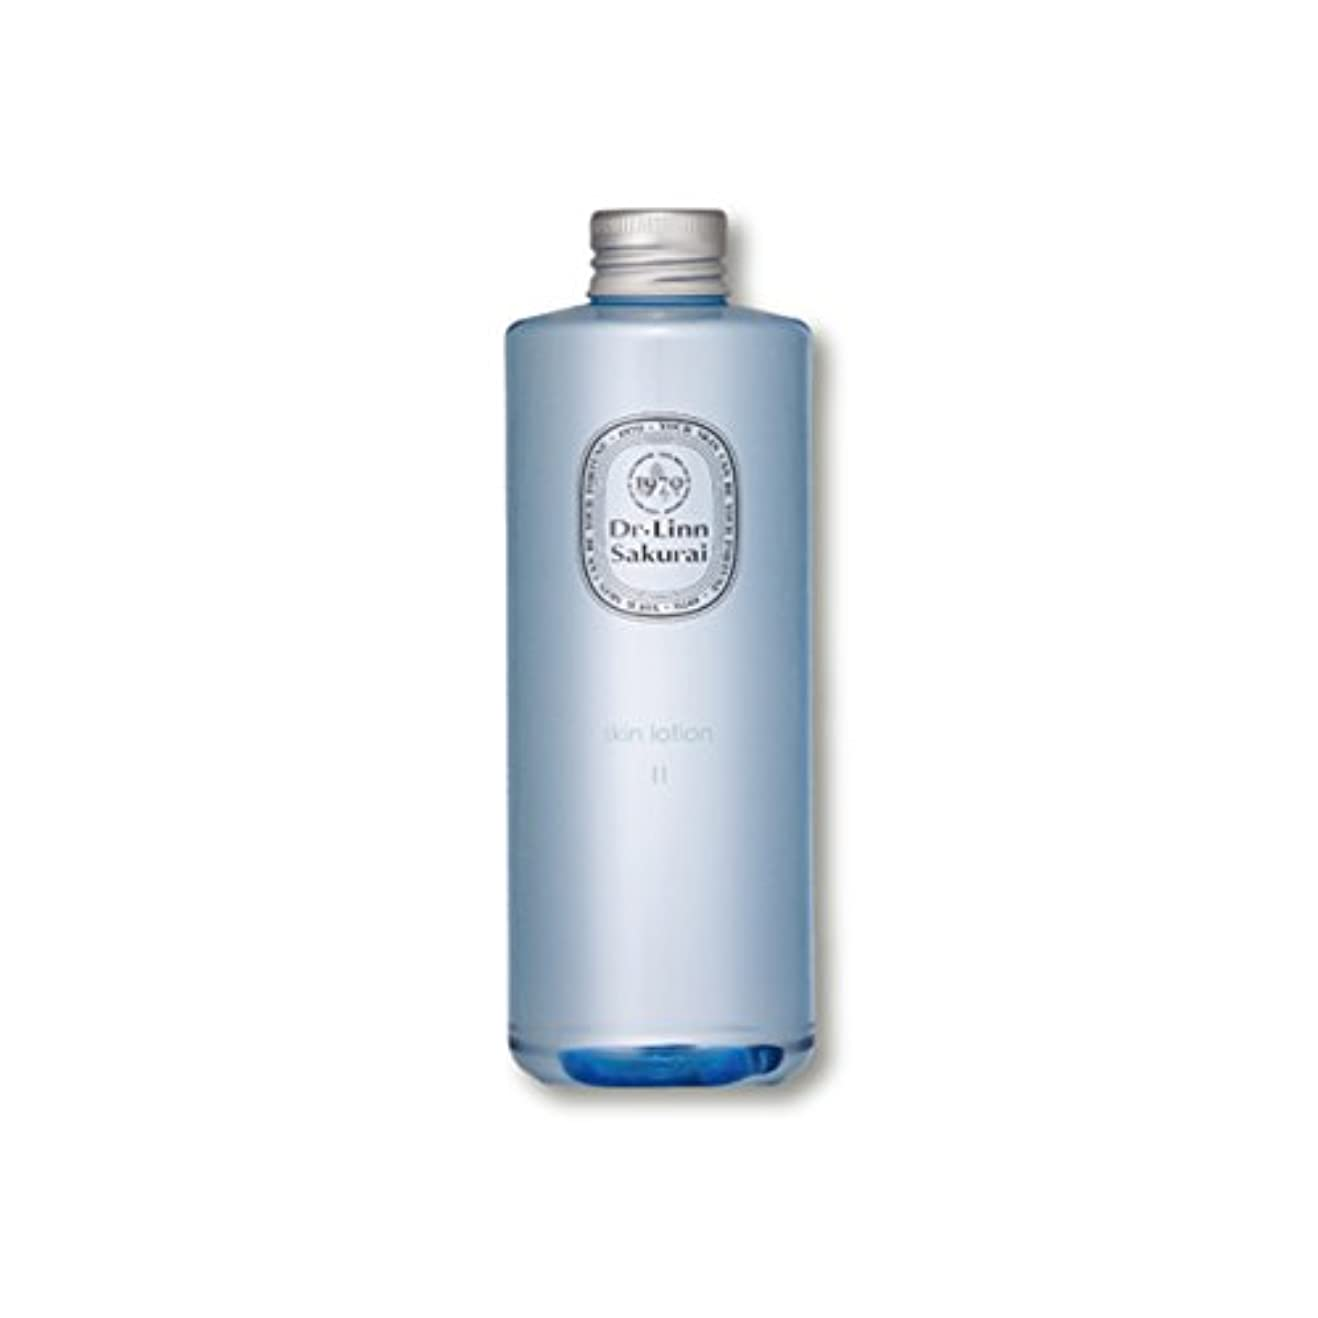 ラジウム満足させる公平リンサクライ スキンローション2 化粧水 300mL